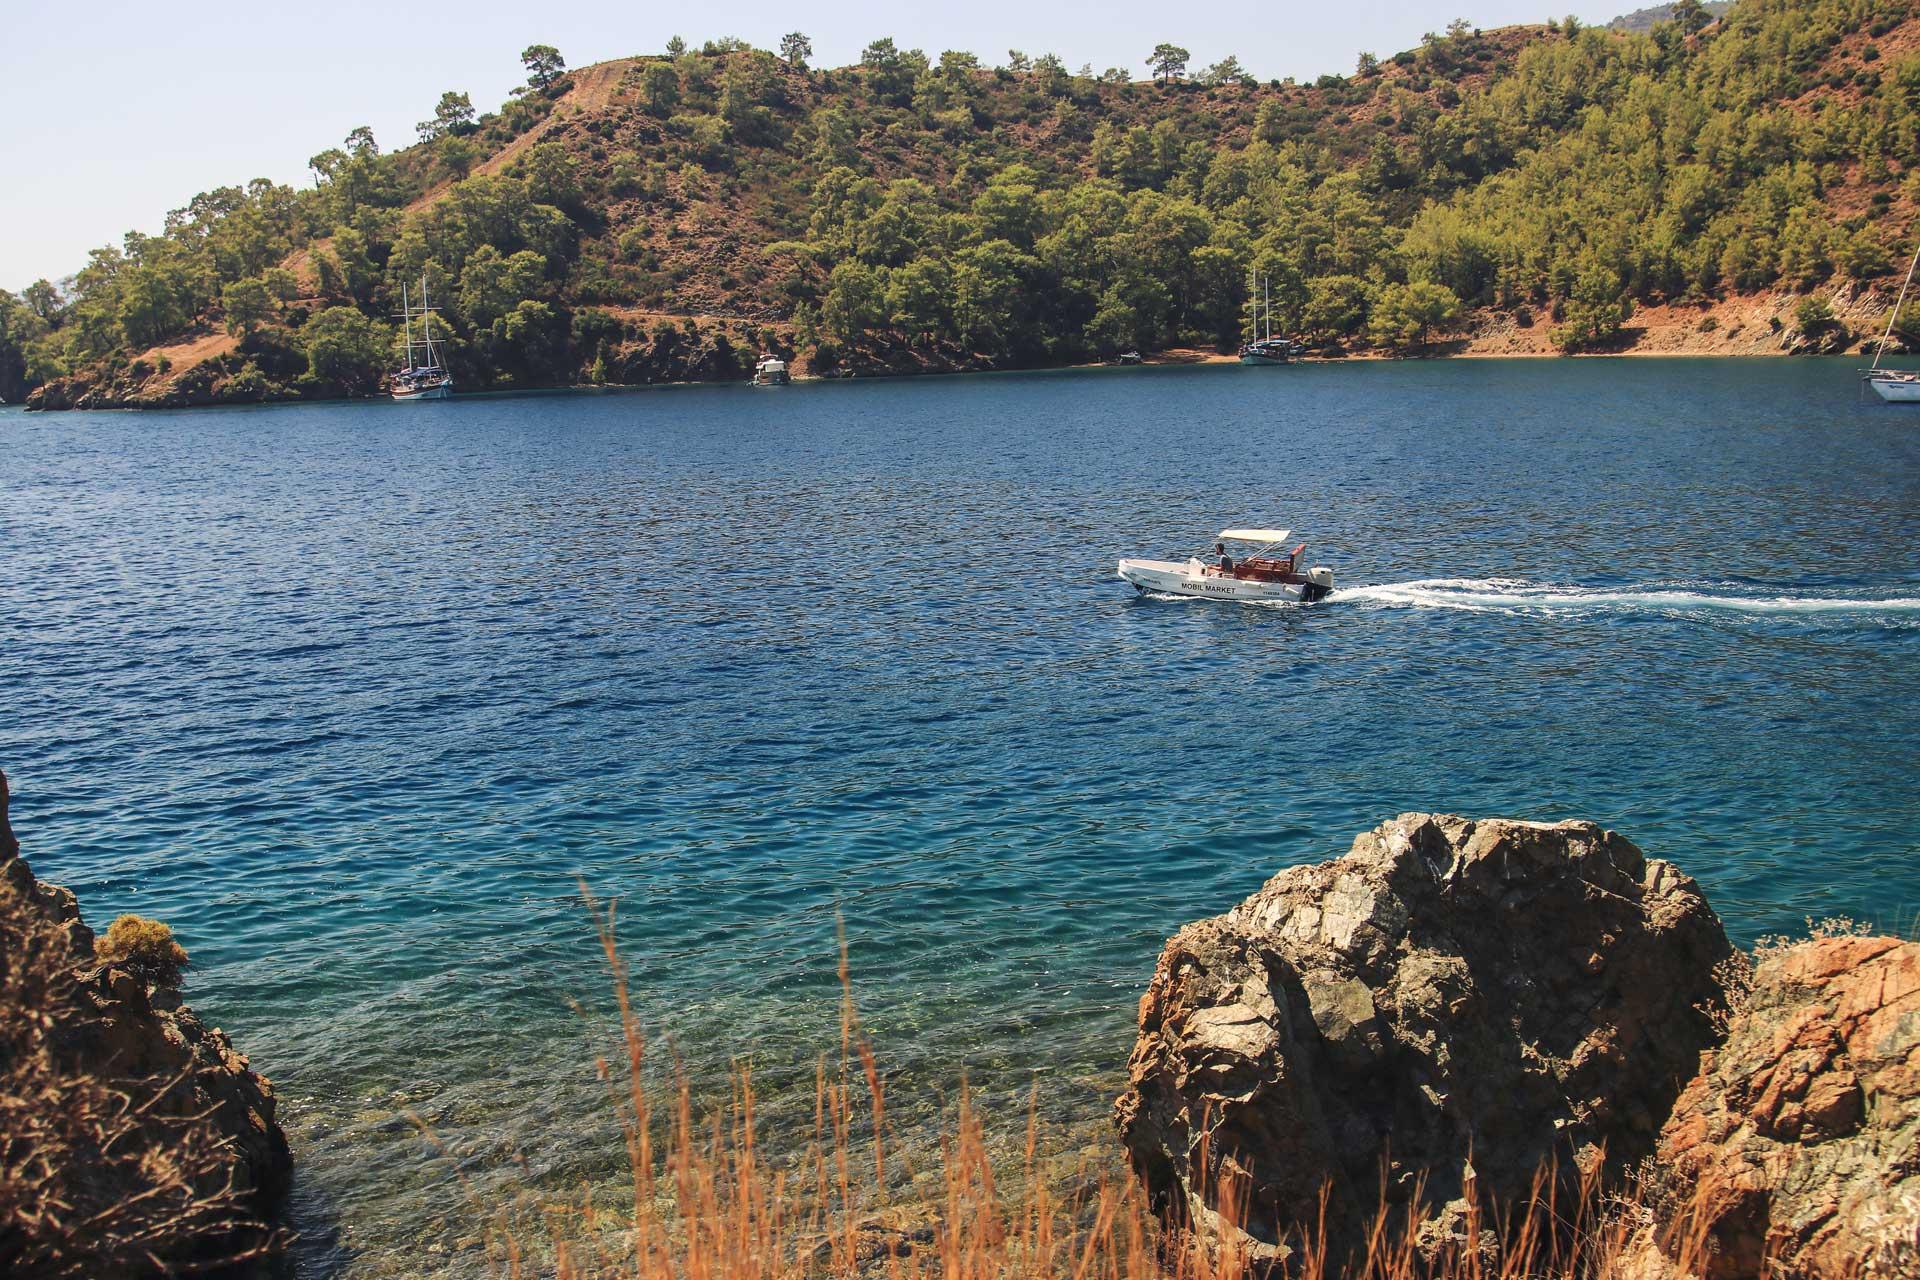 Kille Koyu Kille sahili Göcek Muğla Türkiye Çekergezer Fotoğrafçı Hakan Aydın www.cekergezer.com. www.cekergezer.com